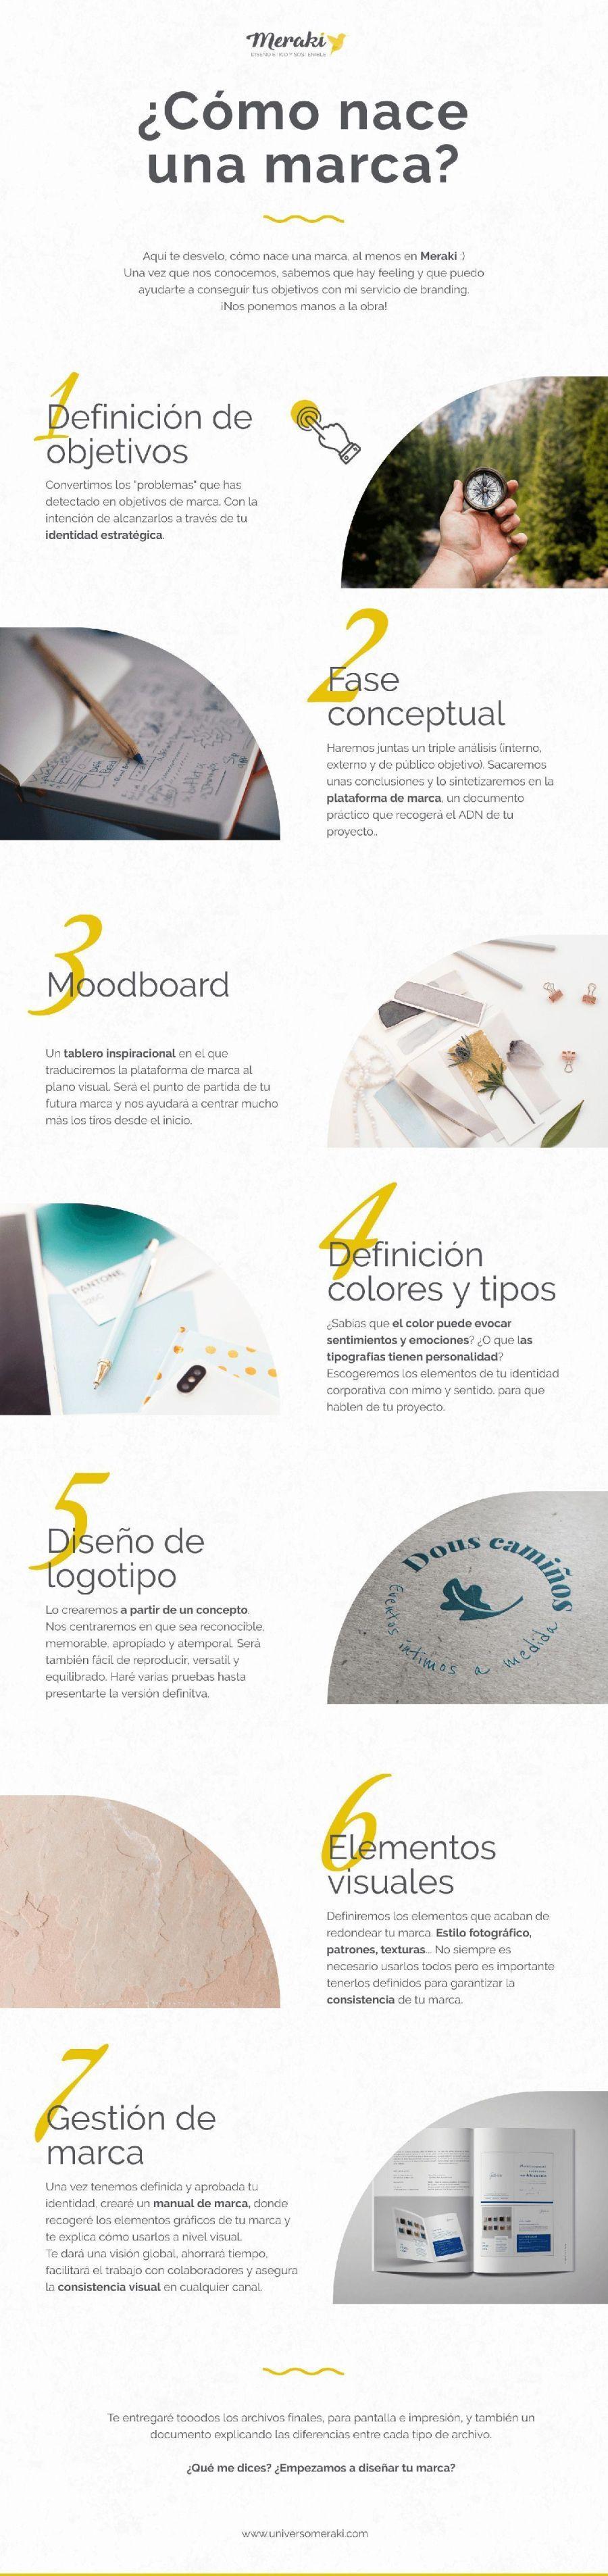 infografia, cómo nace una marca en Meraki